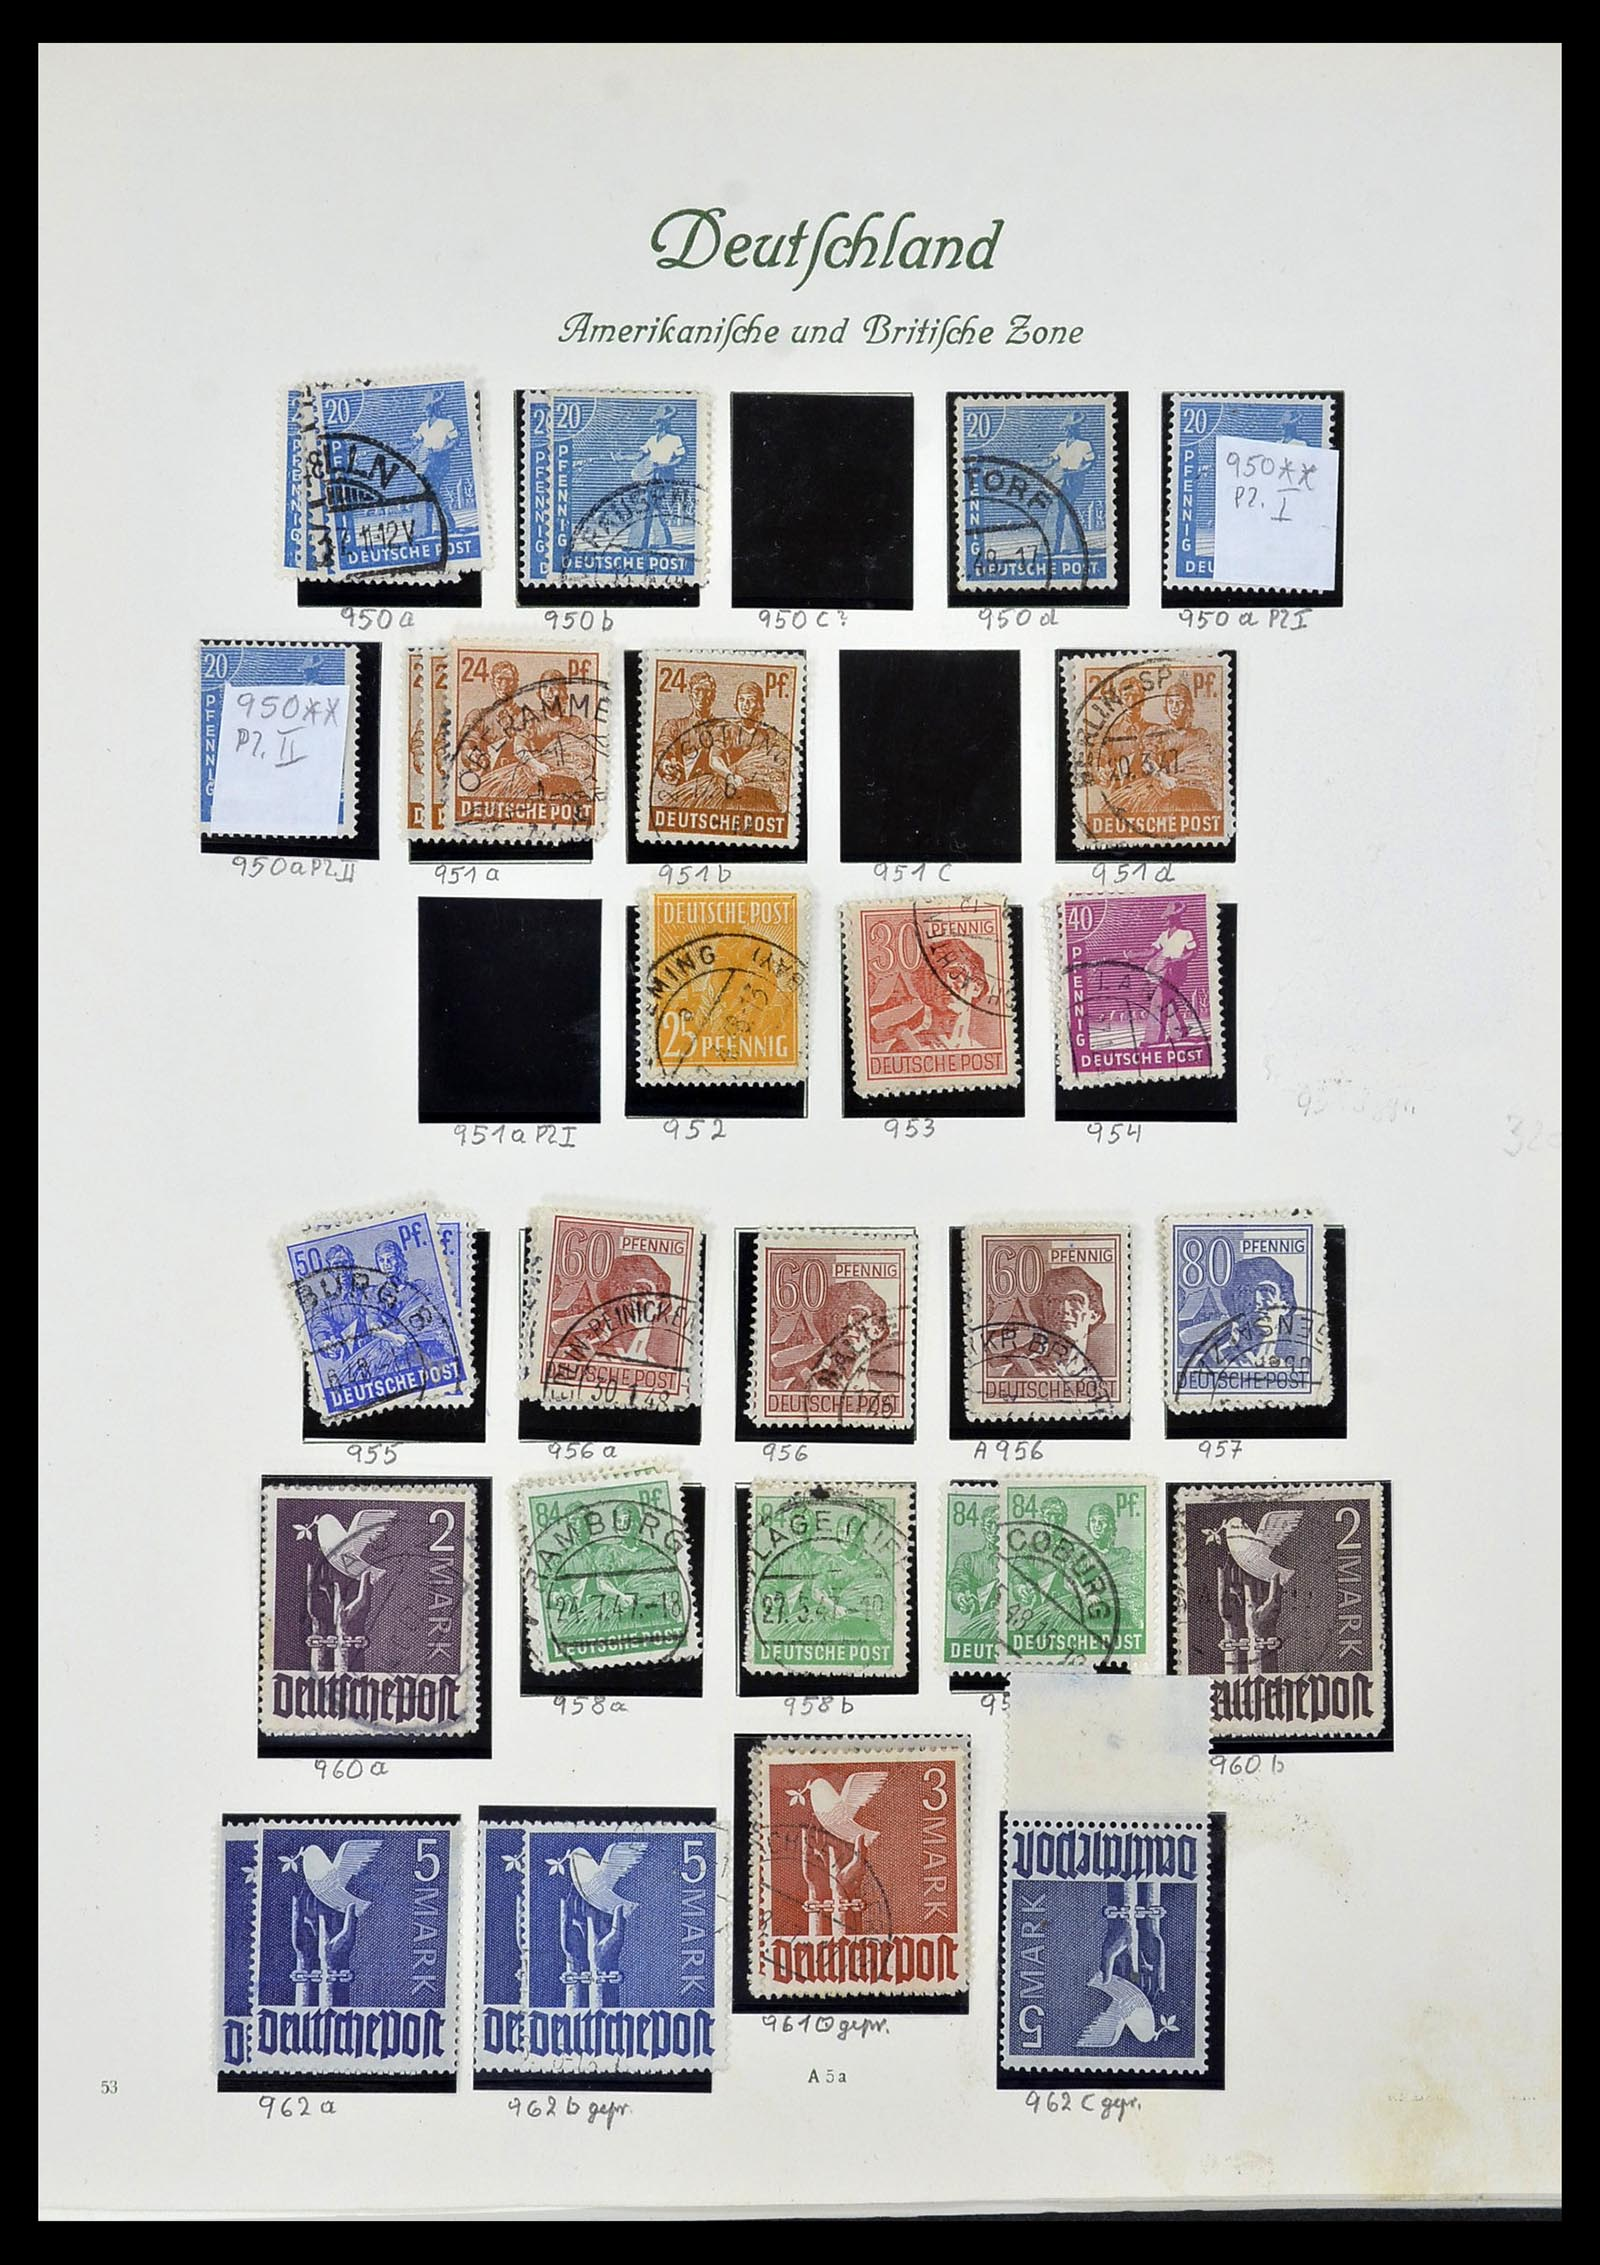 34152 011 - Postzegelverzameling 34152 Duitse Zones 1945-1949.